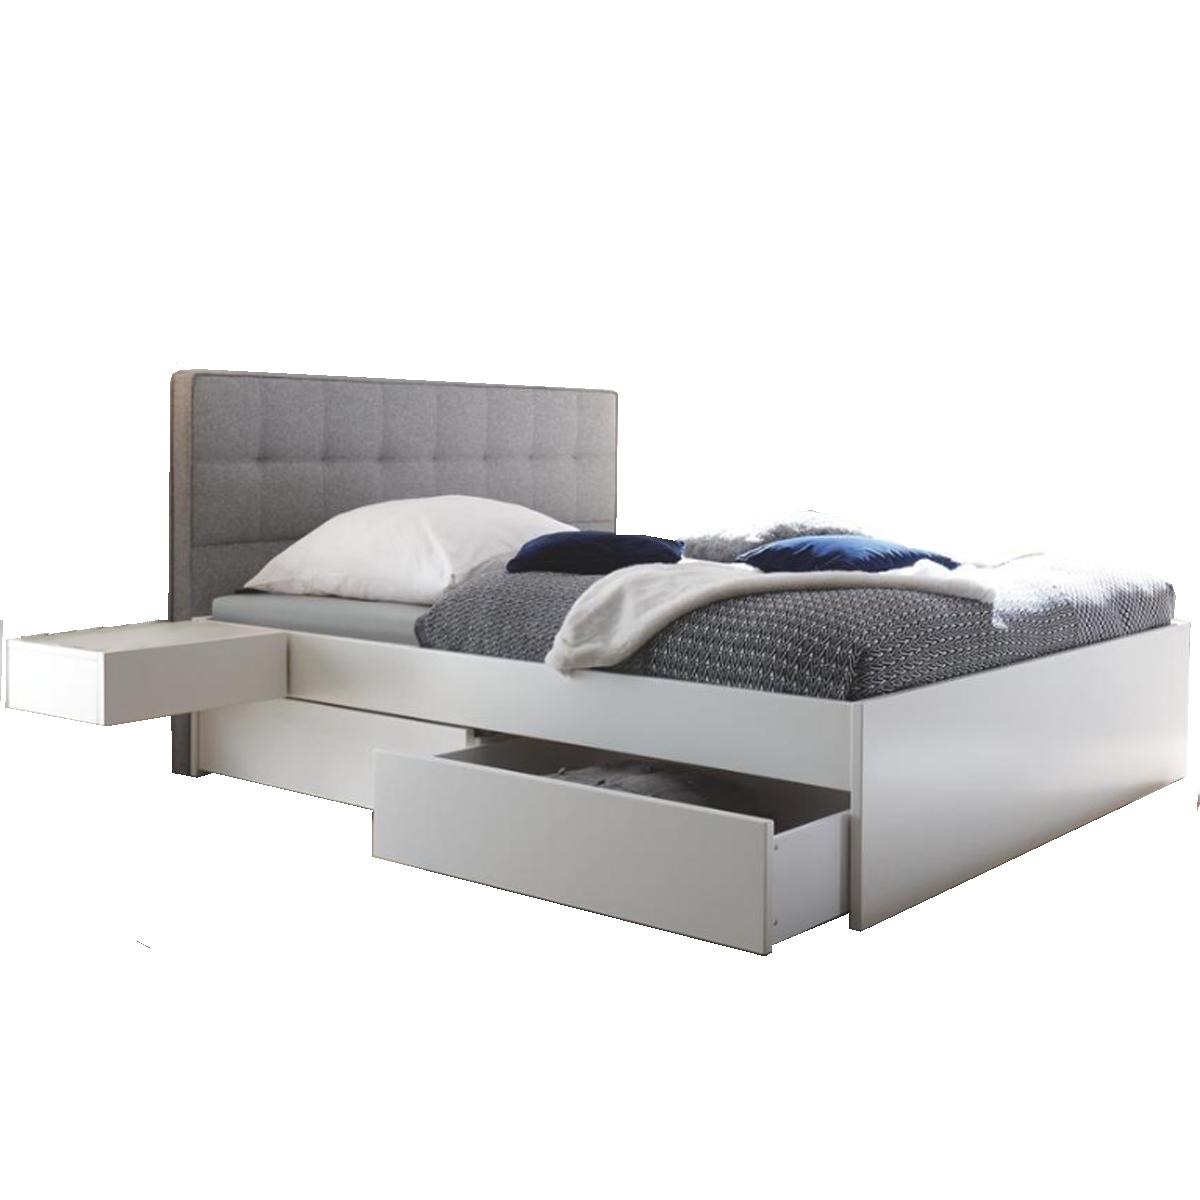 Full Size of Bett 180x200 Weiß Hasena Funtion Comfort Elito Standard Mit Polsterkopfteil Massiv Kopfteil Poco 160 Schlafzimmer Betten Günstige 140x200 Möbel Boss Bett Bett 180x200 Weiß